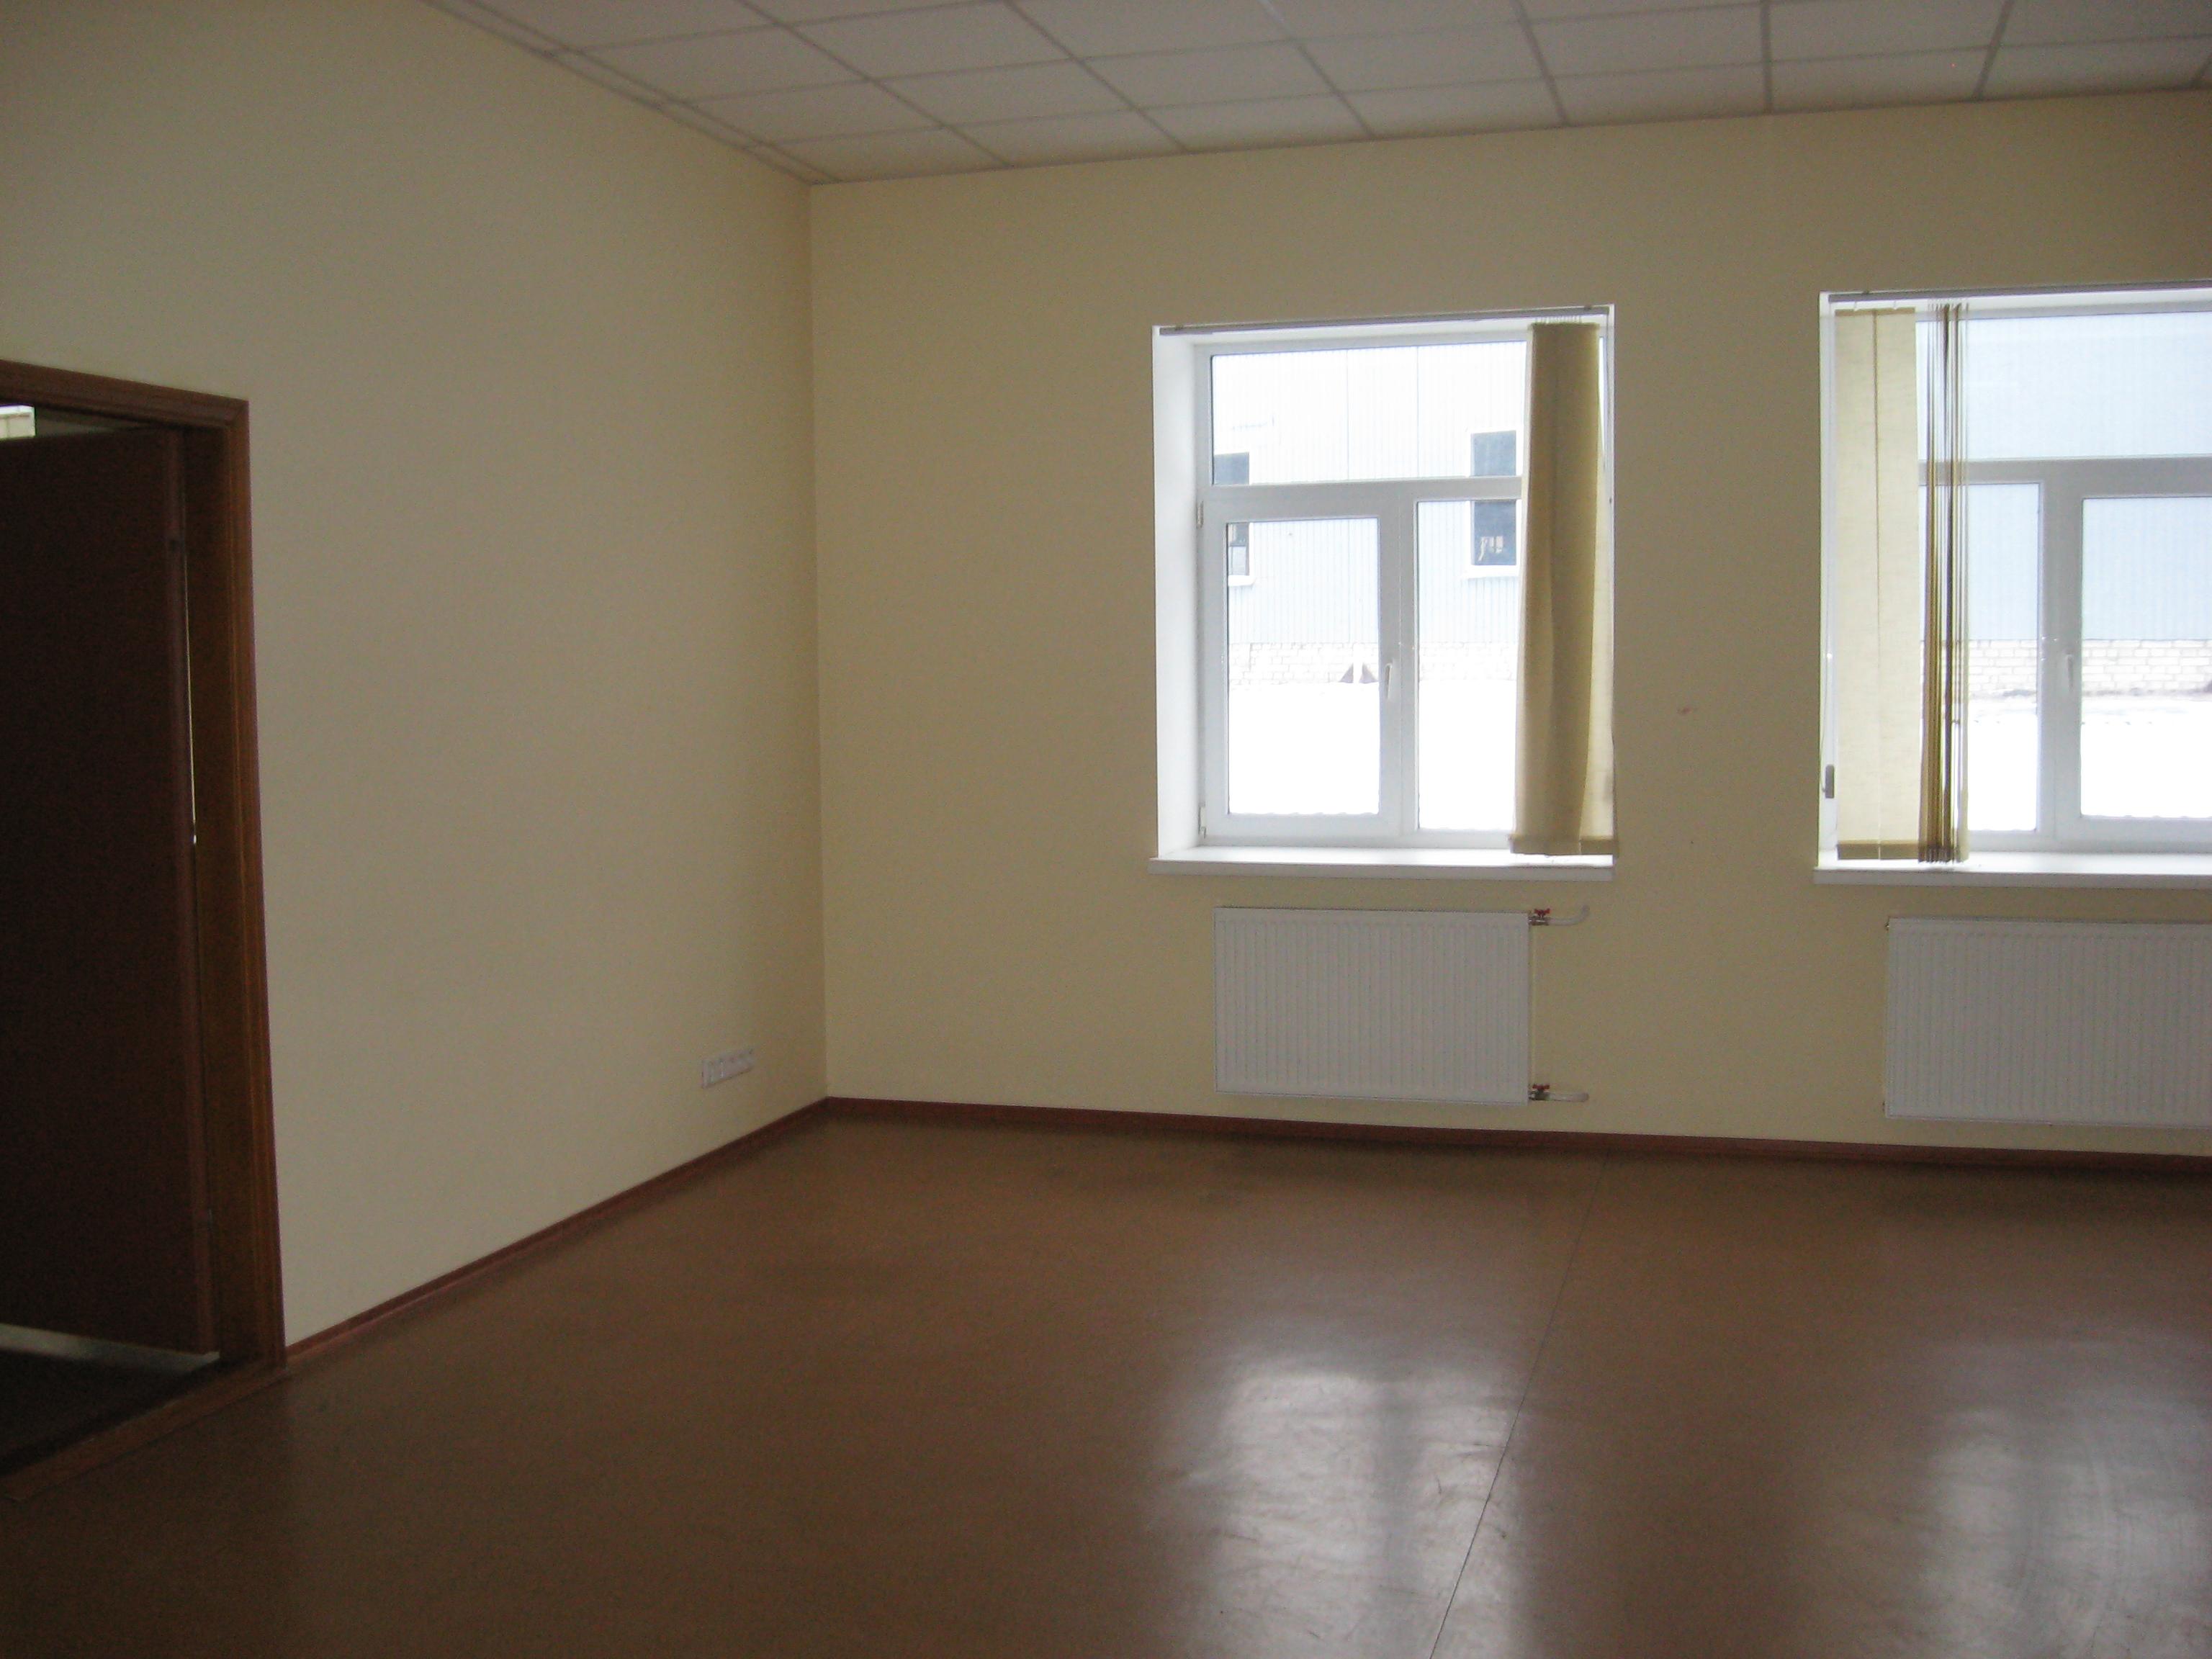 Аренда офиса 30кв коммерческая недвижимость обьявления